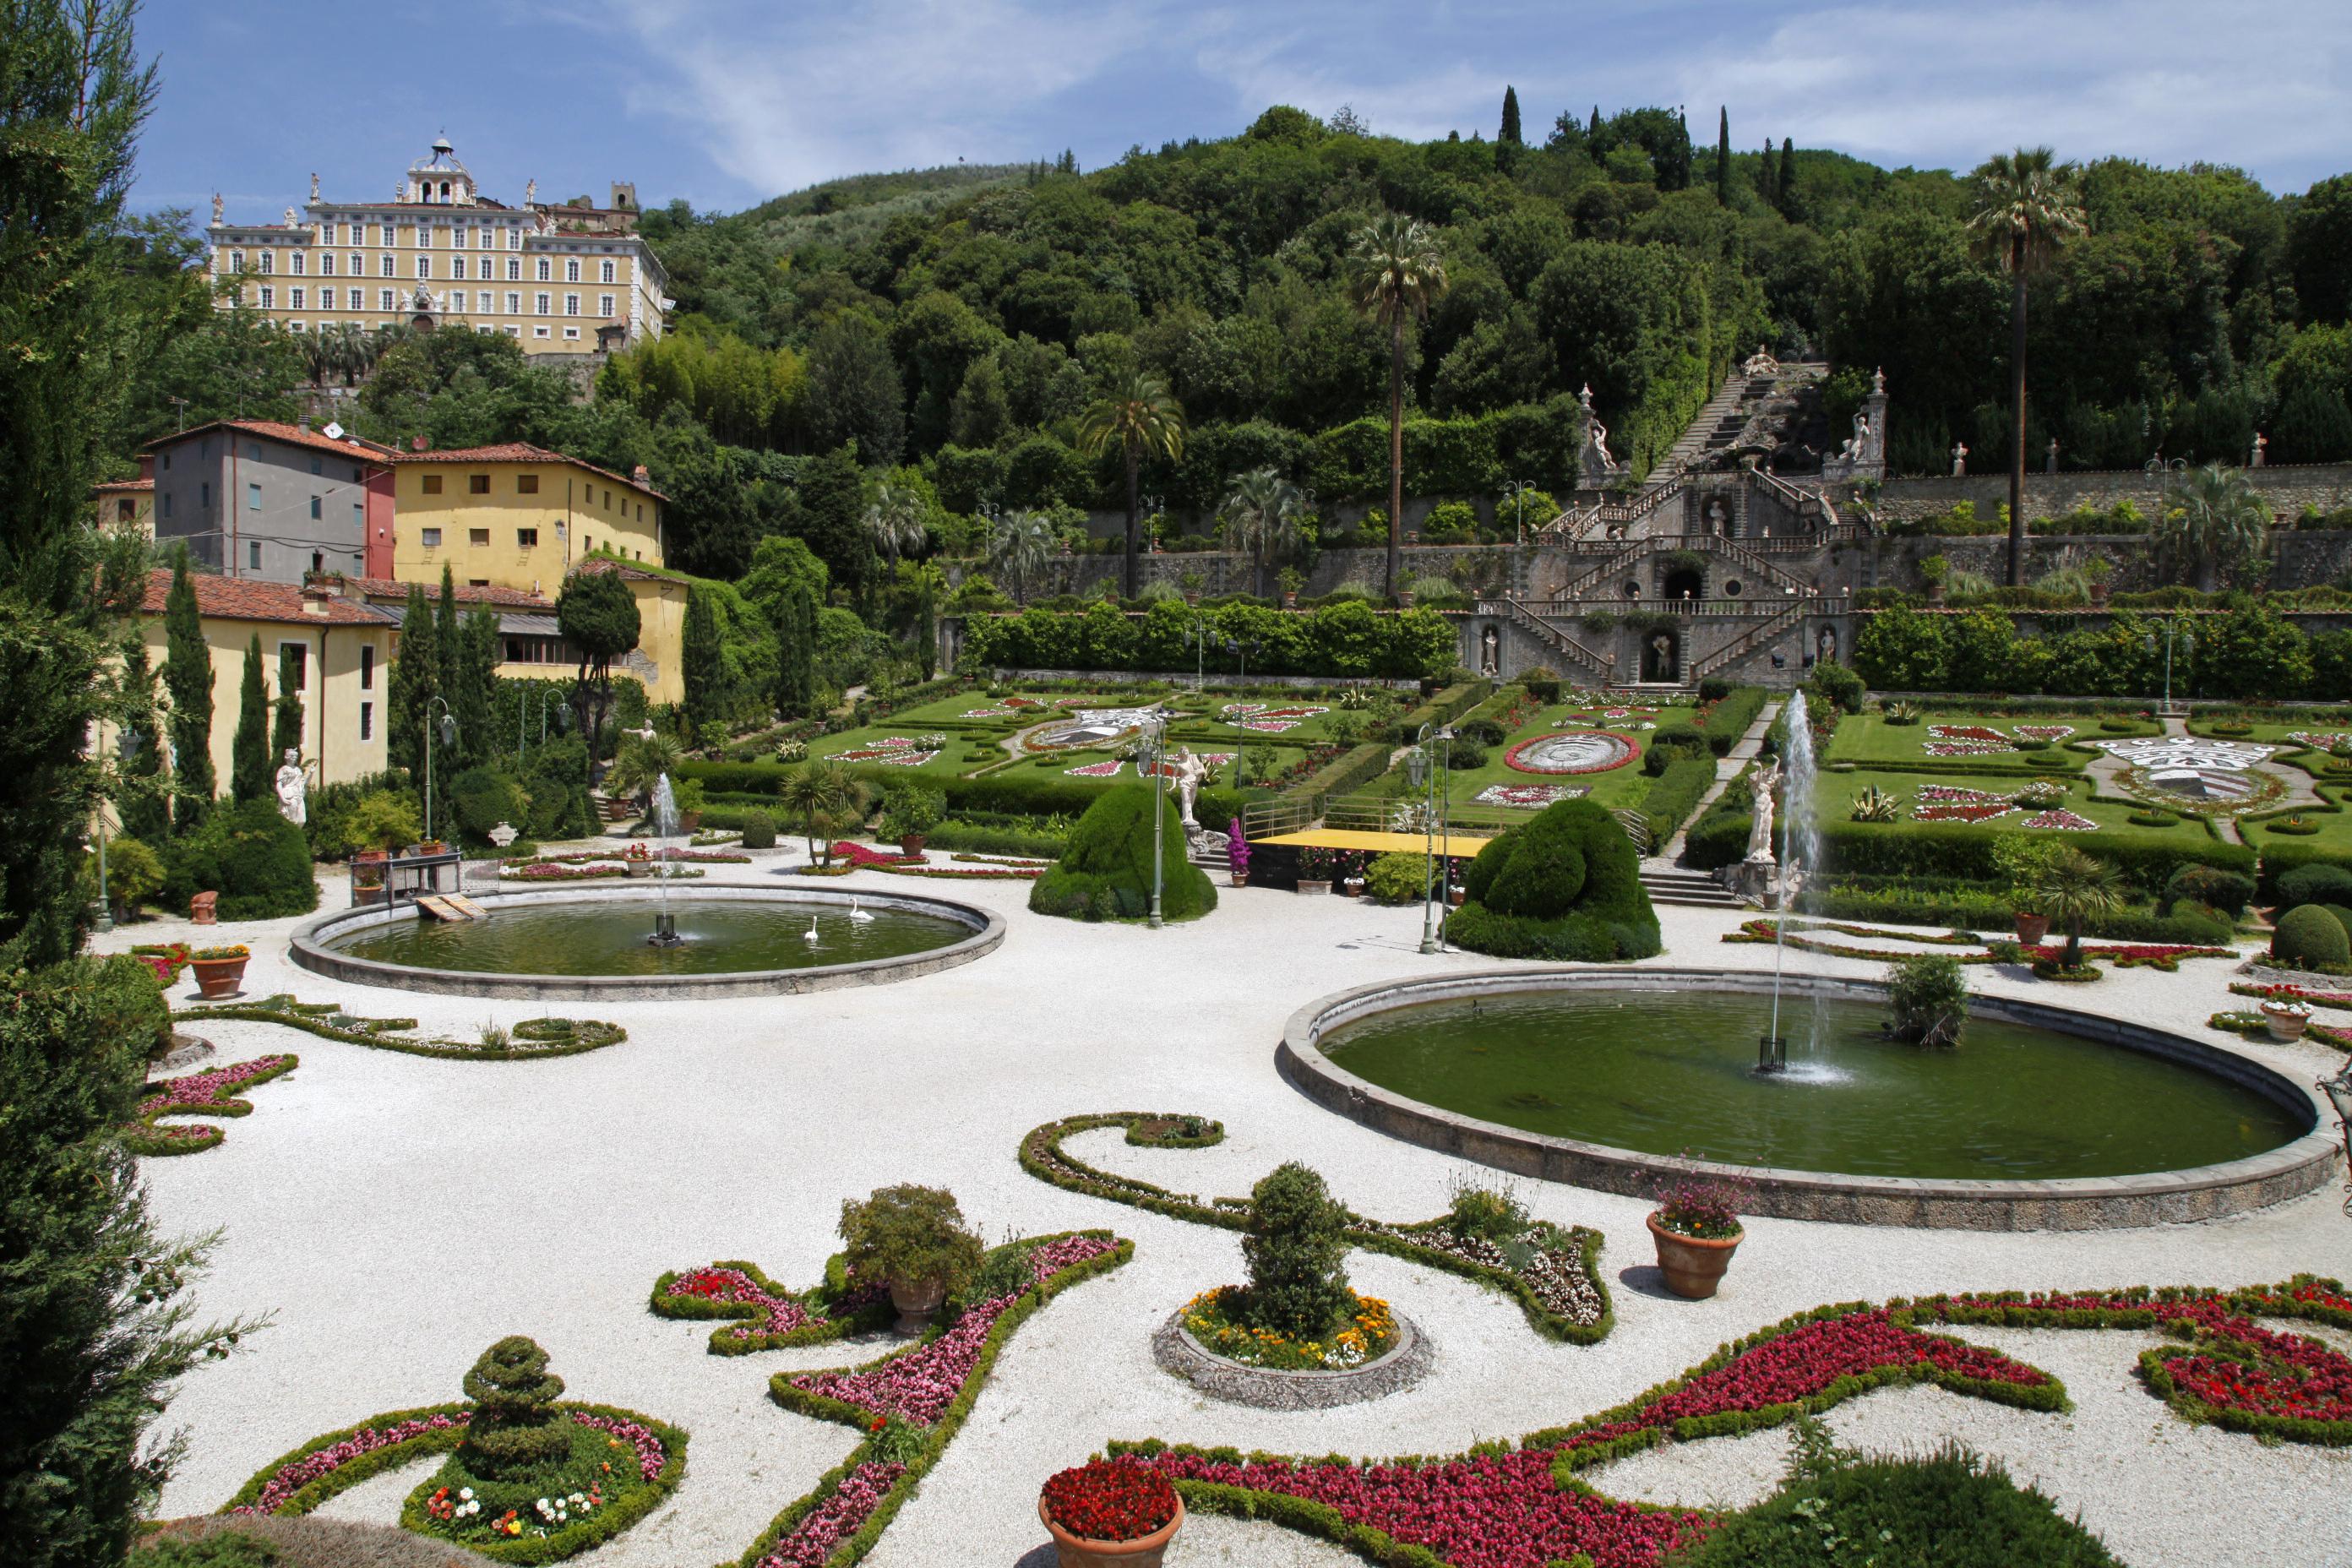 Progettare Il Giardino Da Soli : Progettare il giardino da soli. perfect come progettare un giardino